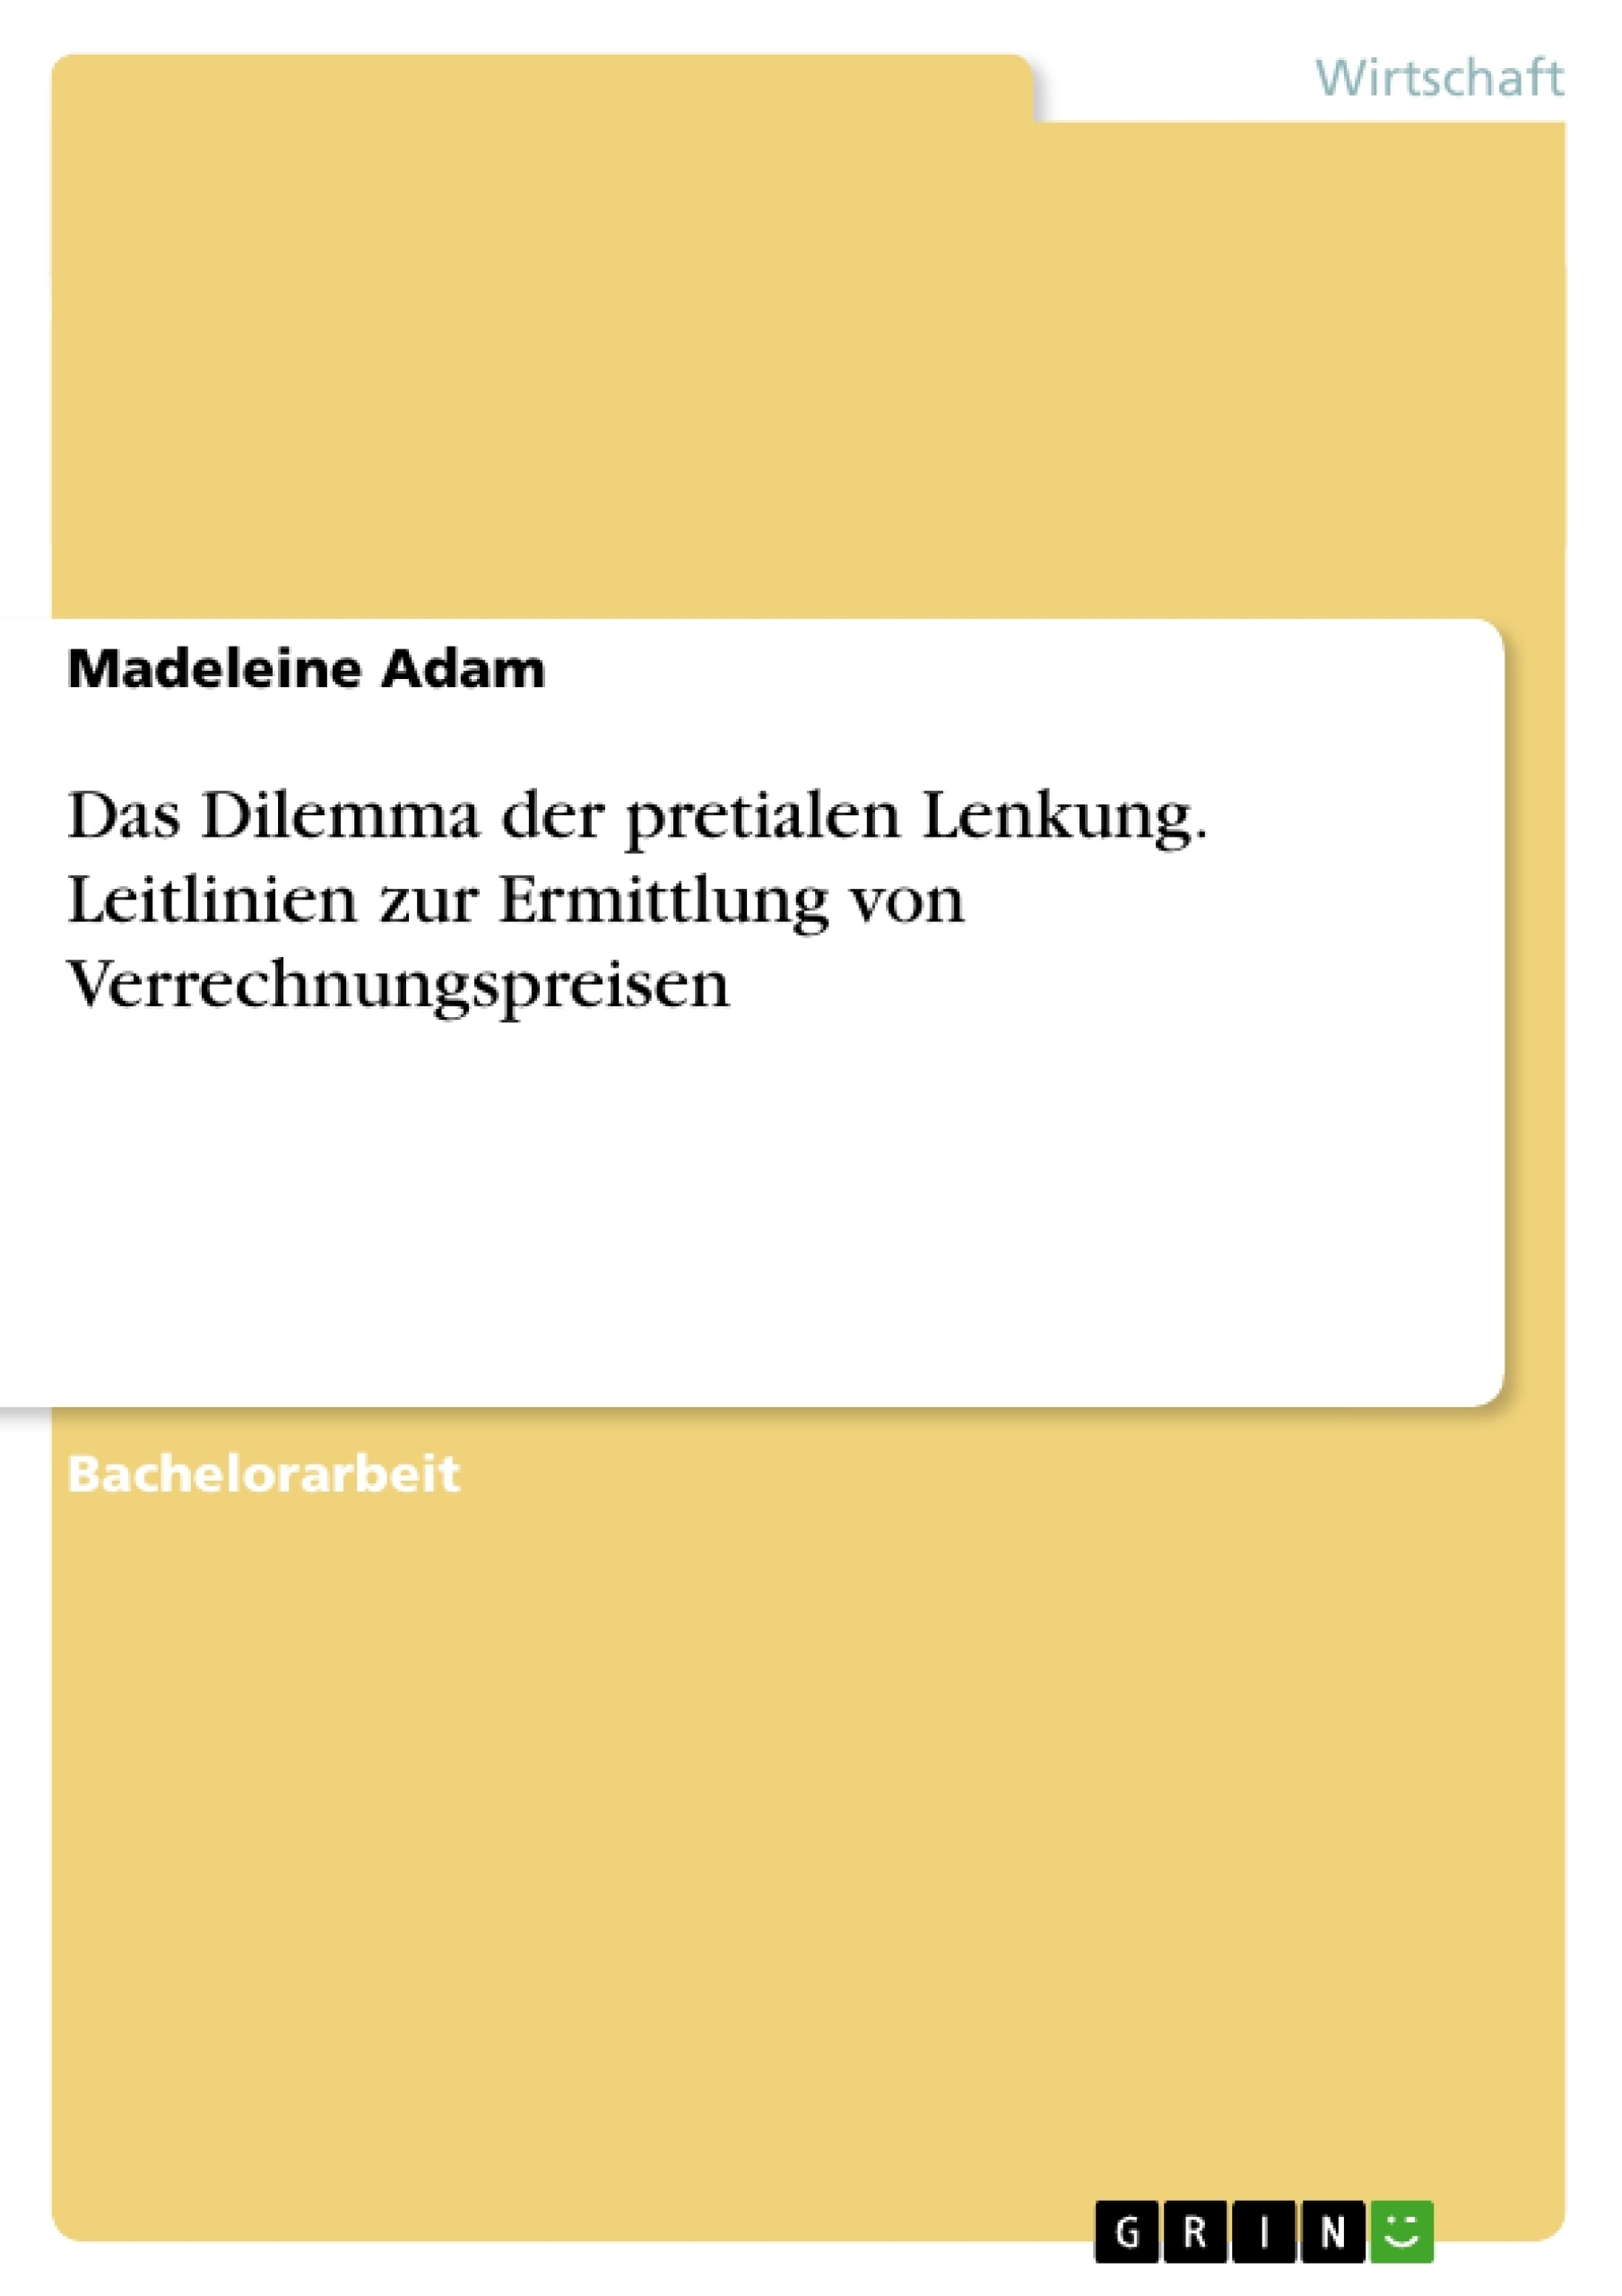 Titel: Das Dilemma der pretialen Lenkung. Leitlinien zur Ermittlung von Verrechnungspreisen